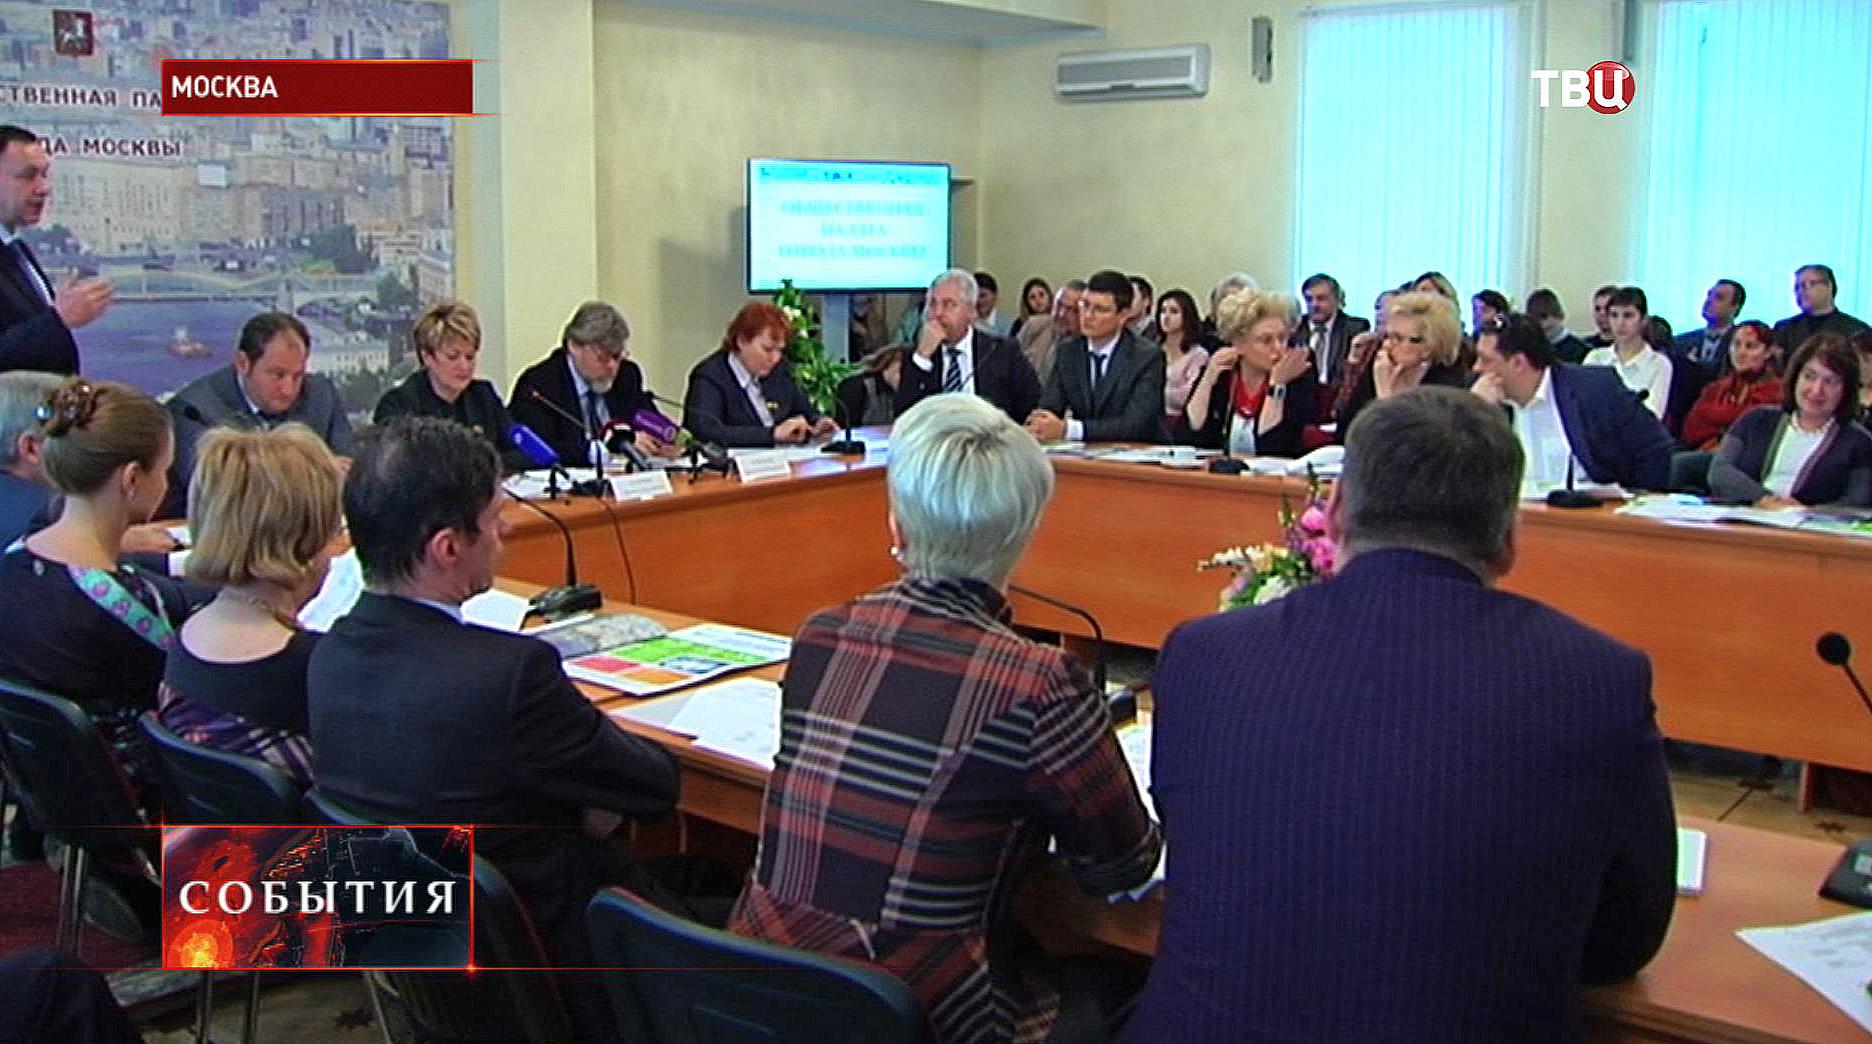 Заседание Общественной палаты Москвы